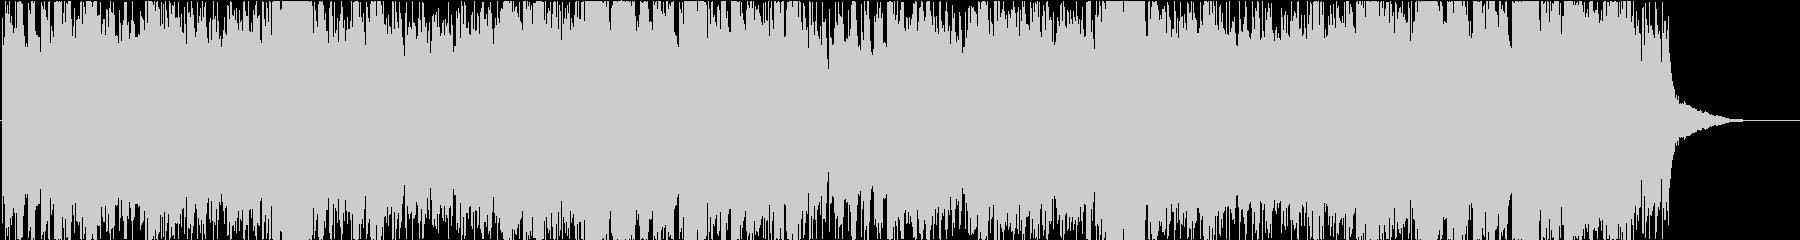 チェロメインのシンプルで渋目の曲です。の未再生の波形